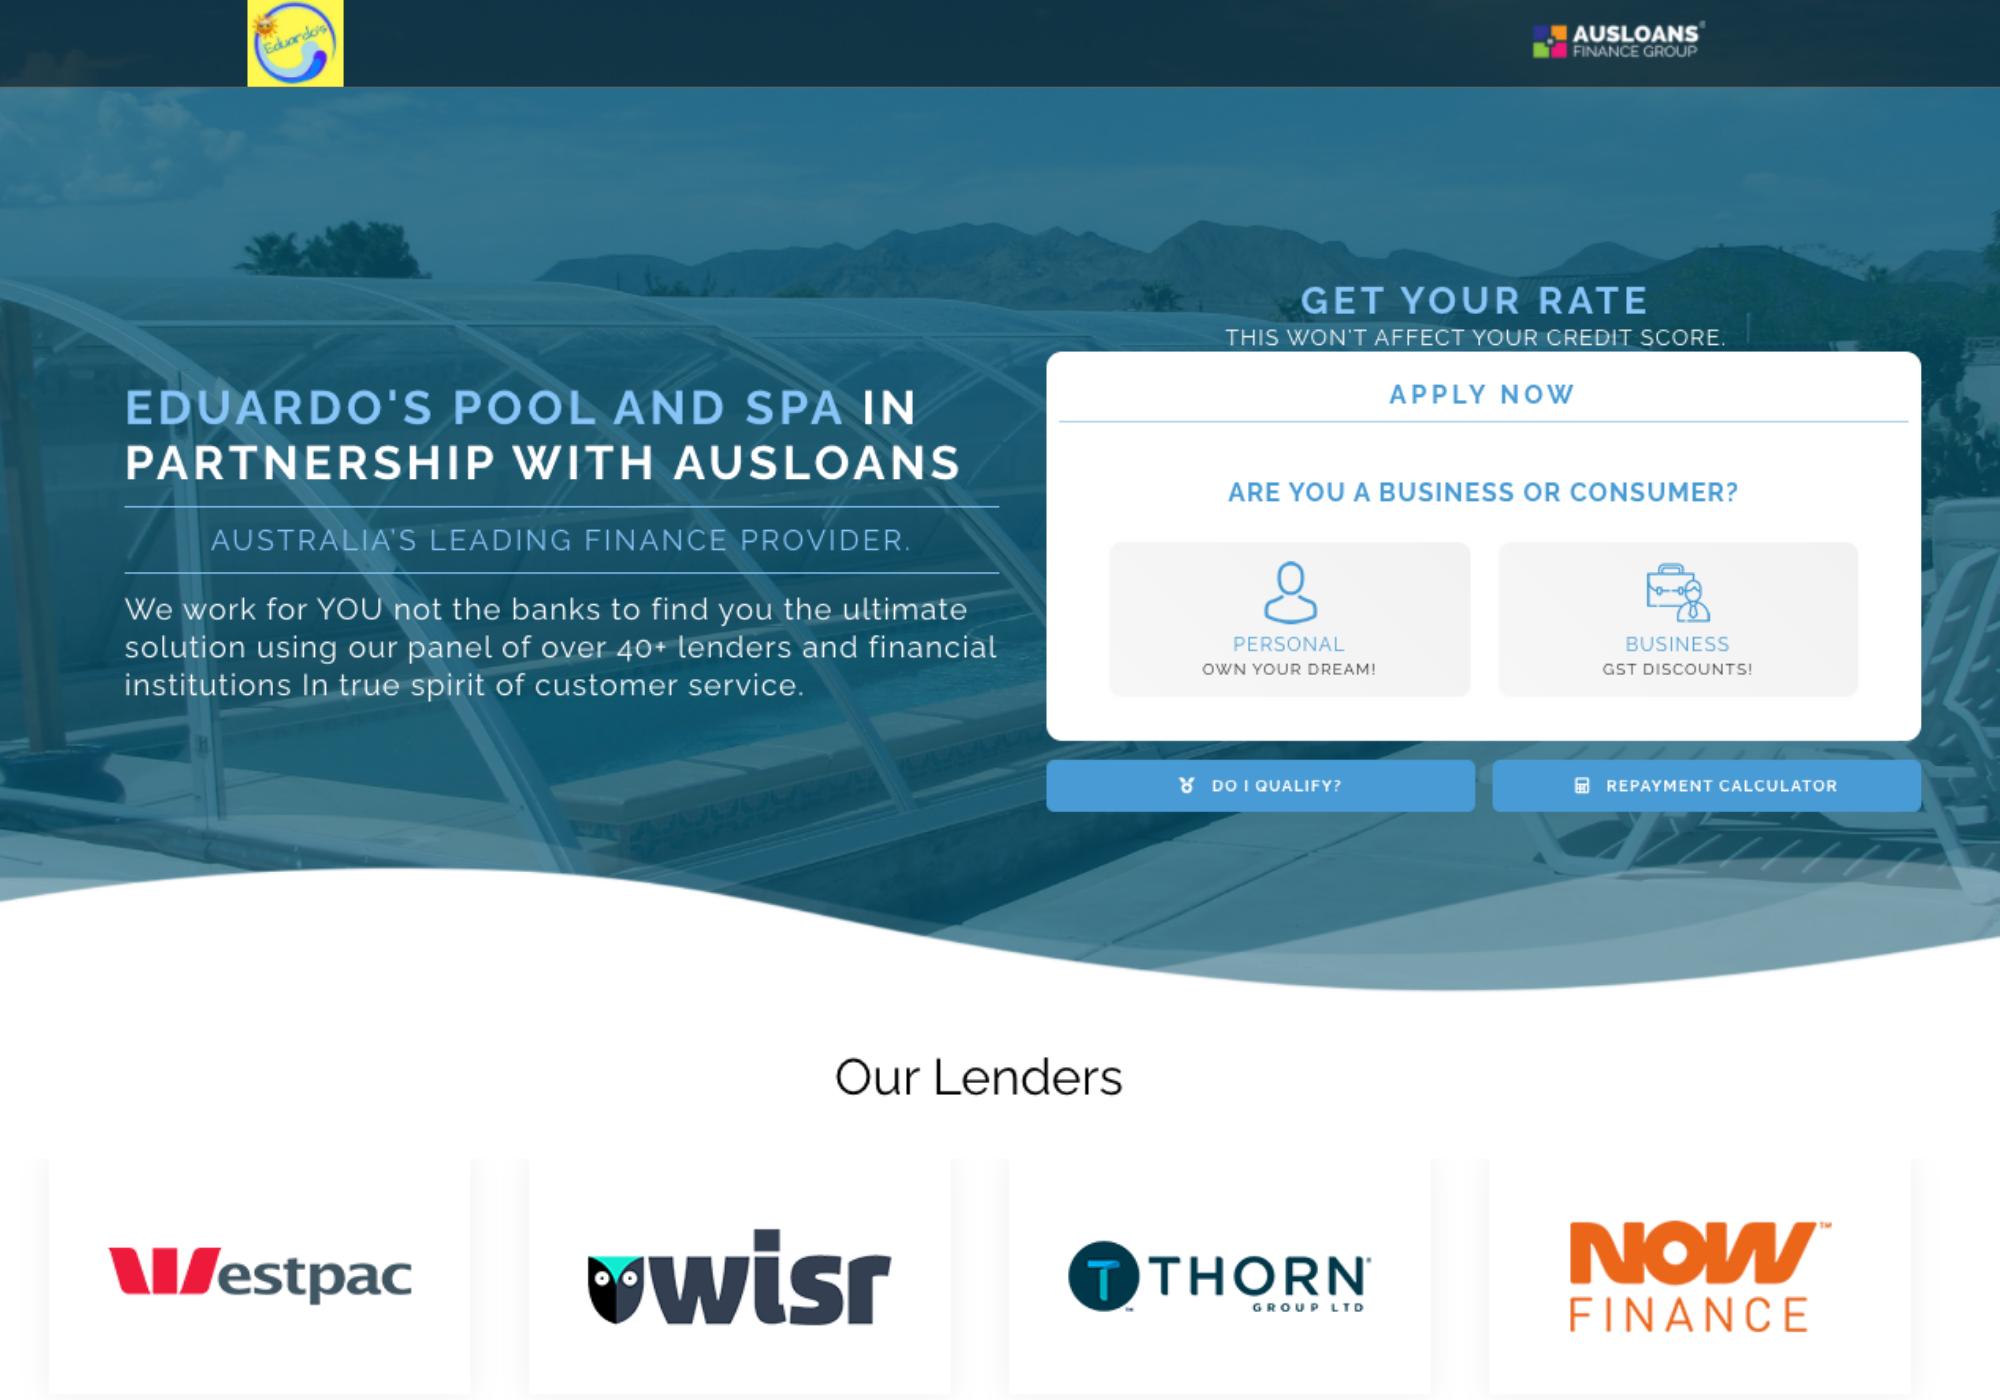 Ausloans marketing support partners  9